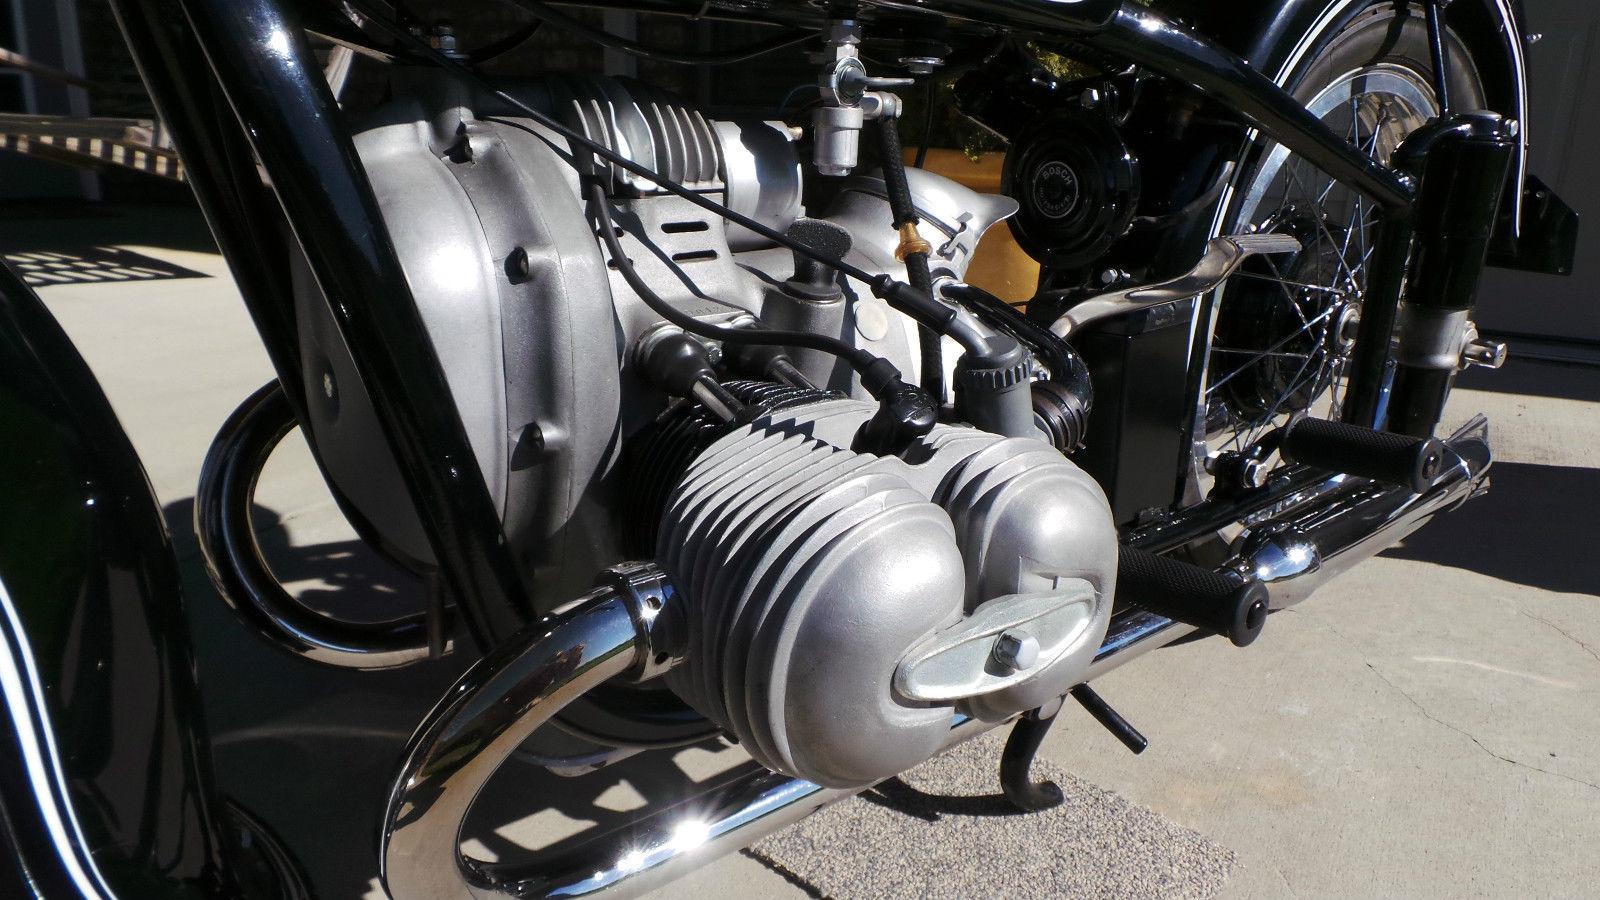 BMW R51/2 - 1950